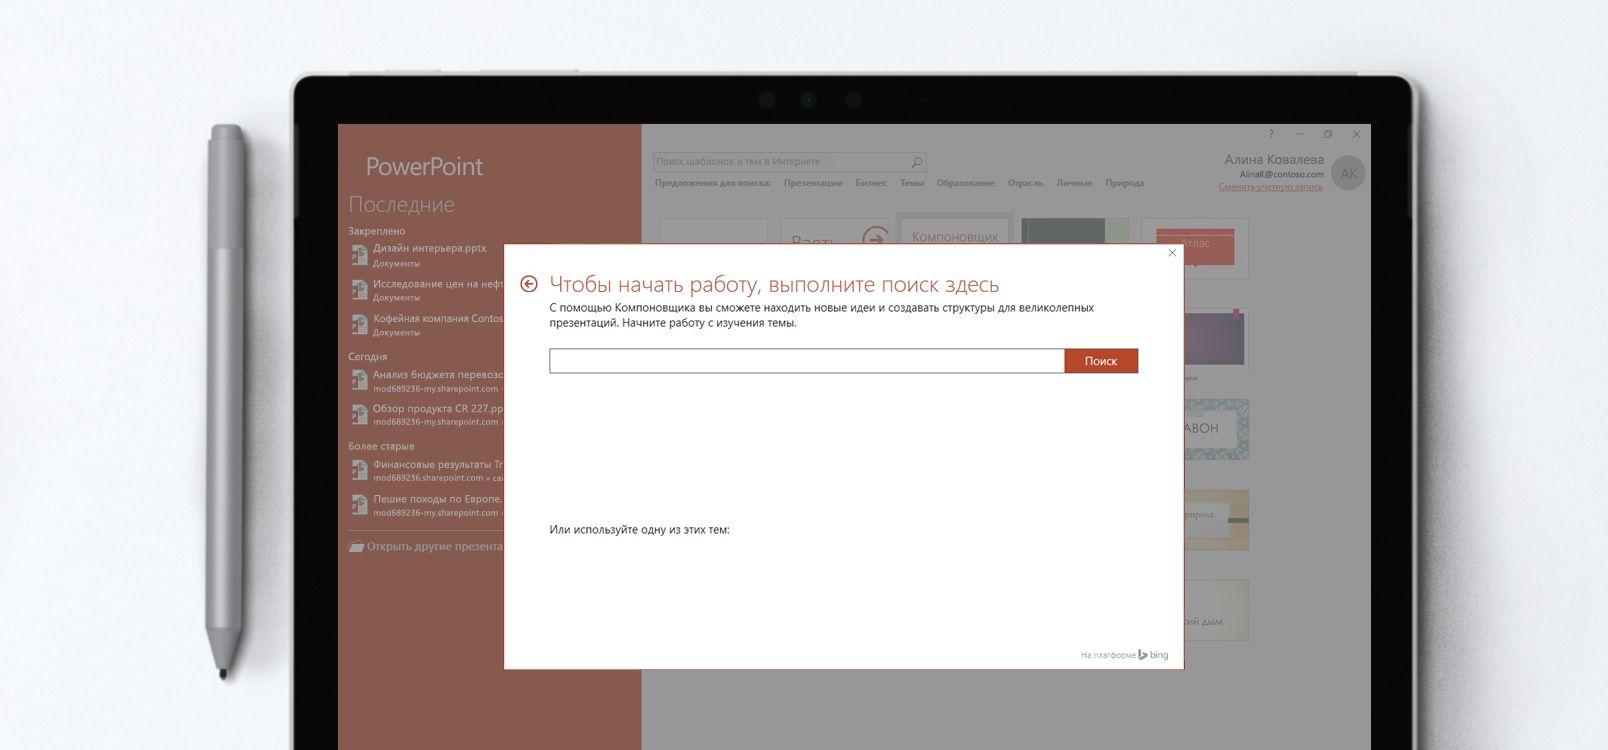 """Экран планшета с документом PowerPoint, в котором используется функция """"Компоновщик"""""""